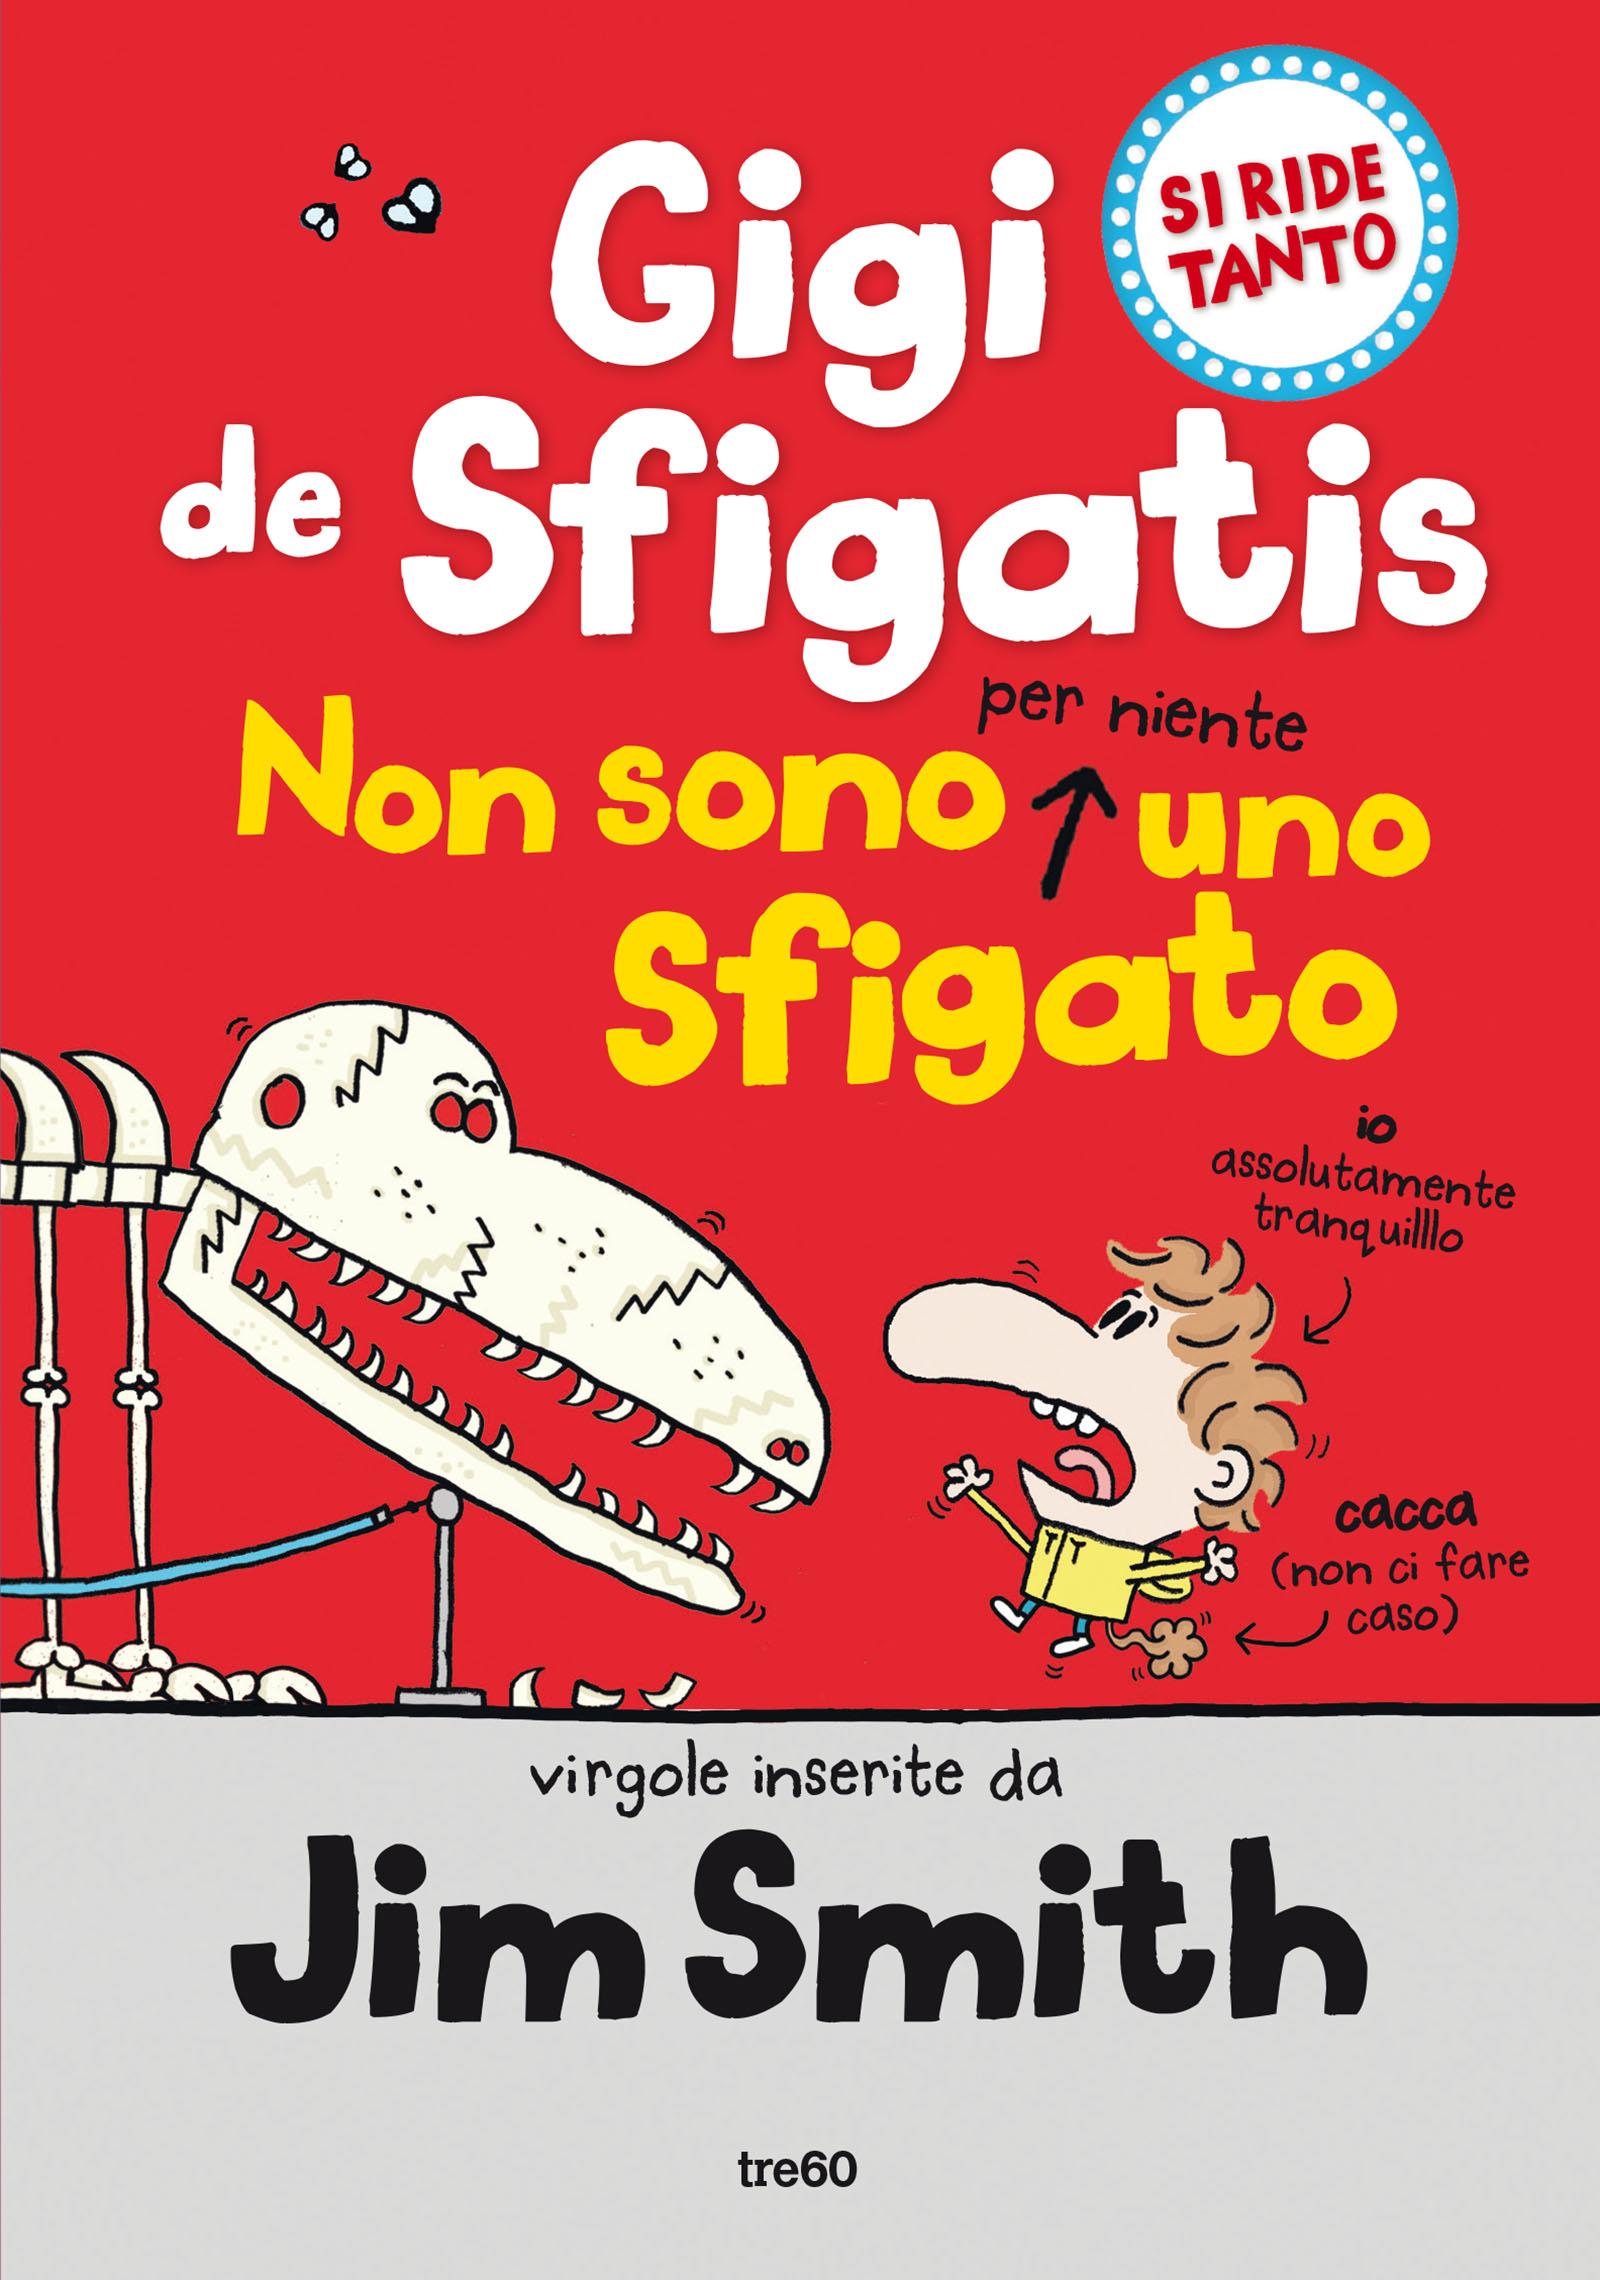 Gigi De Sfigatis, non sono per niente uno sfigato, libri per ragazzi 2021